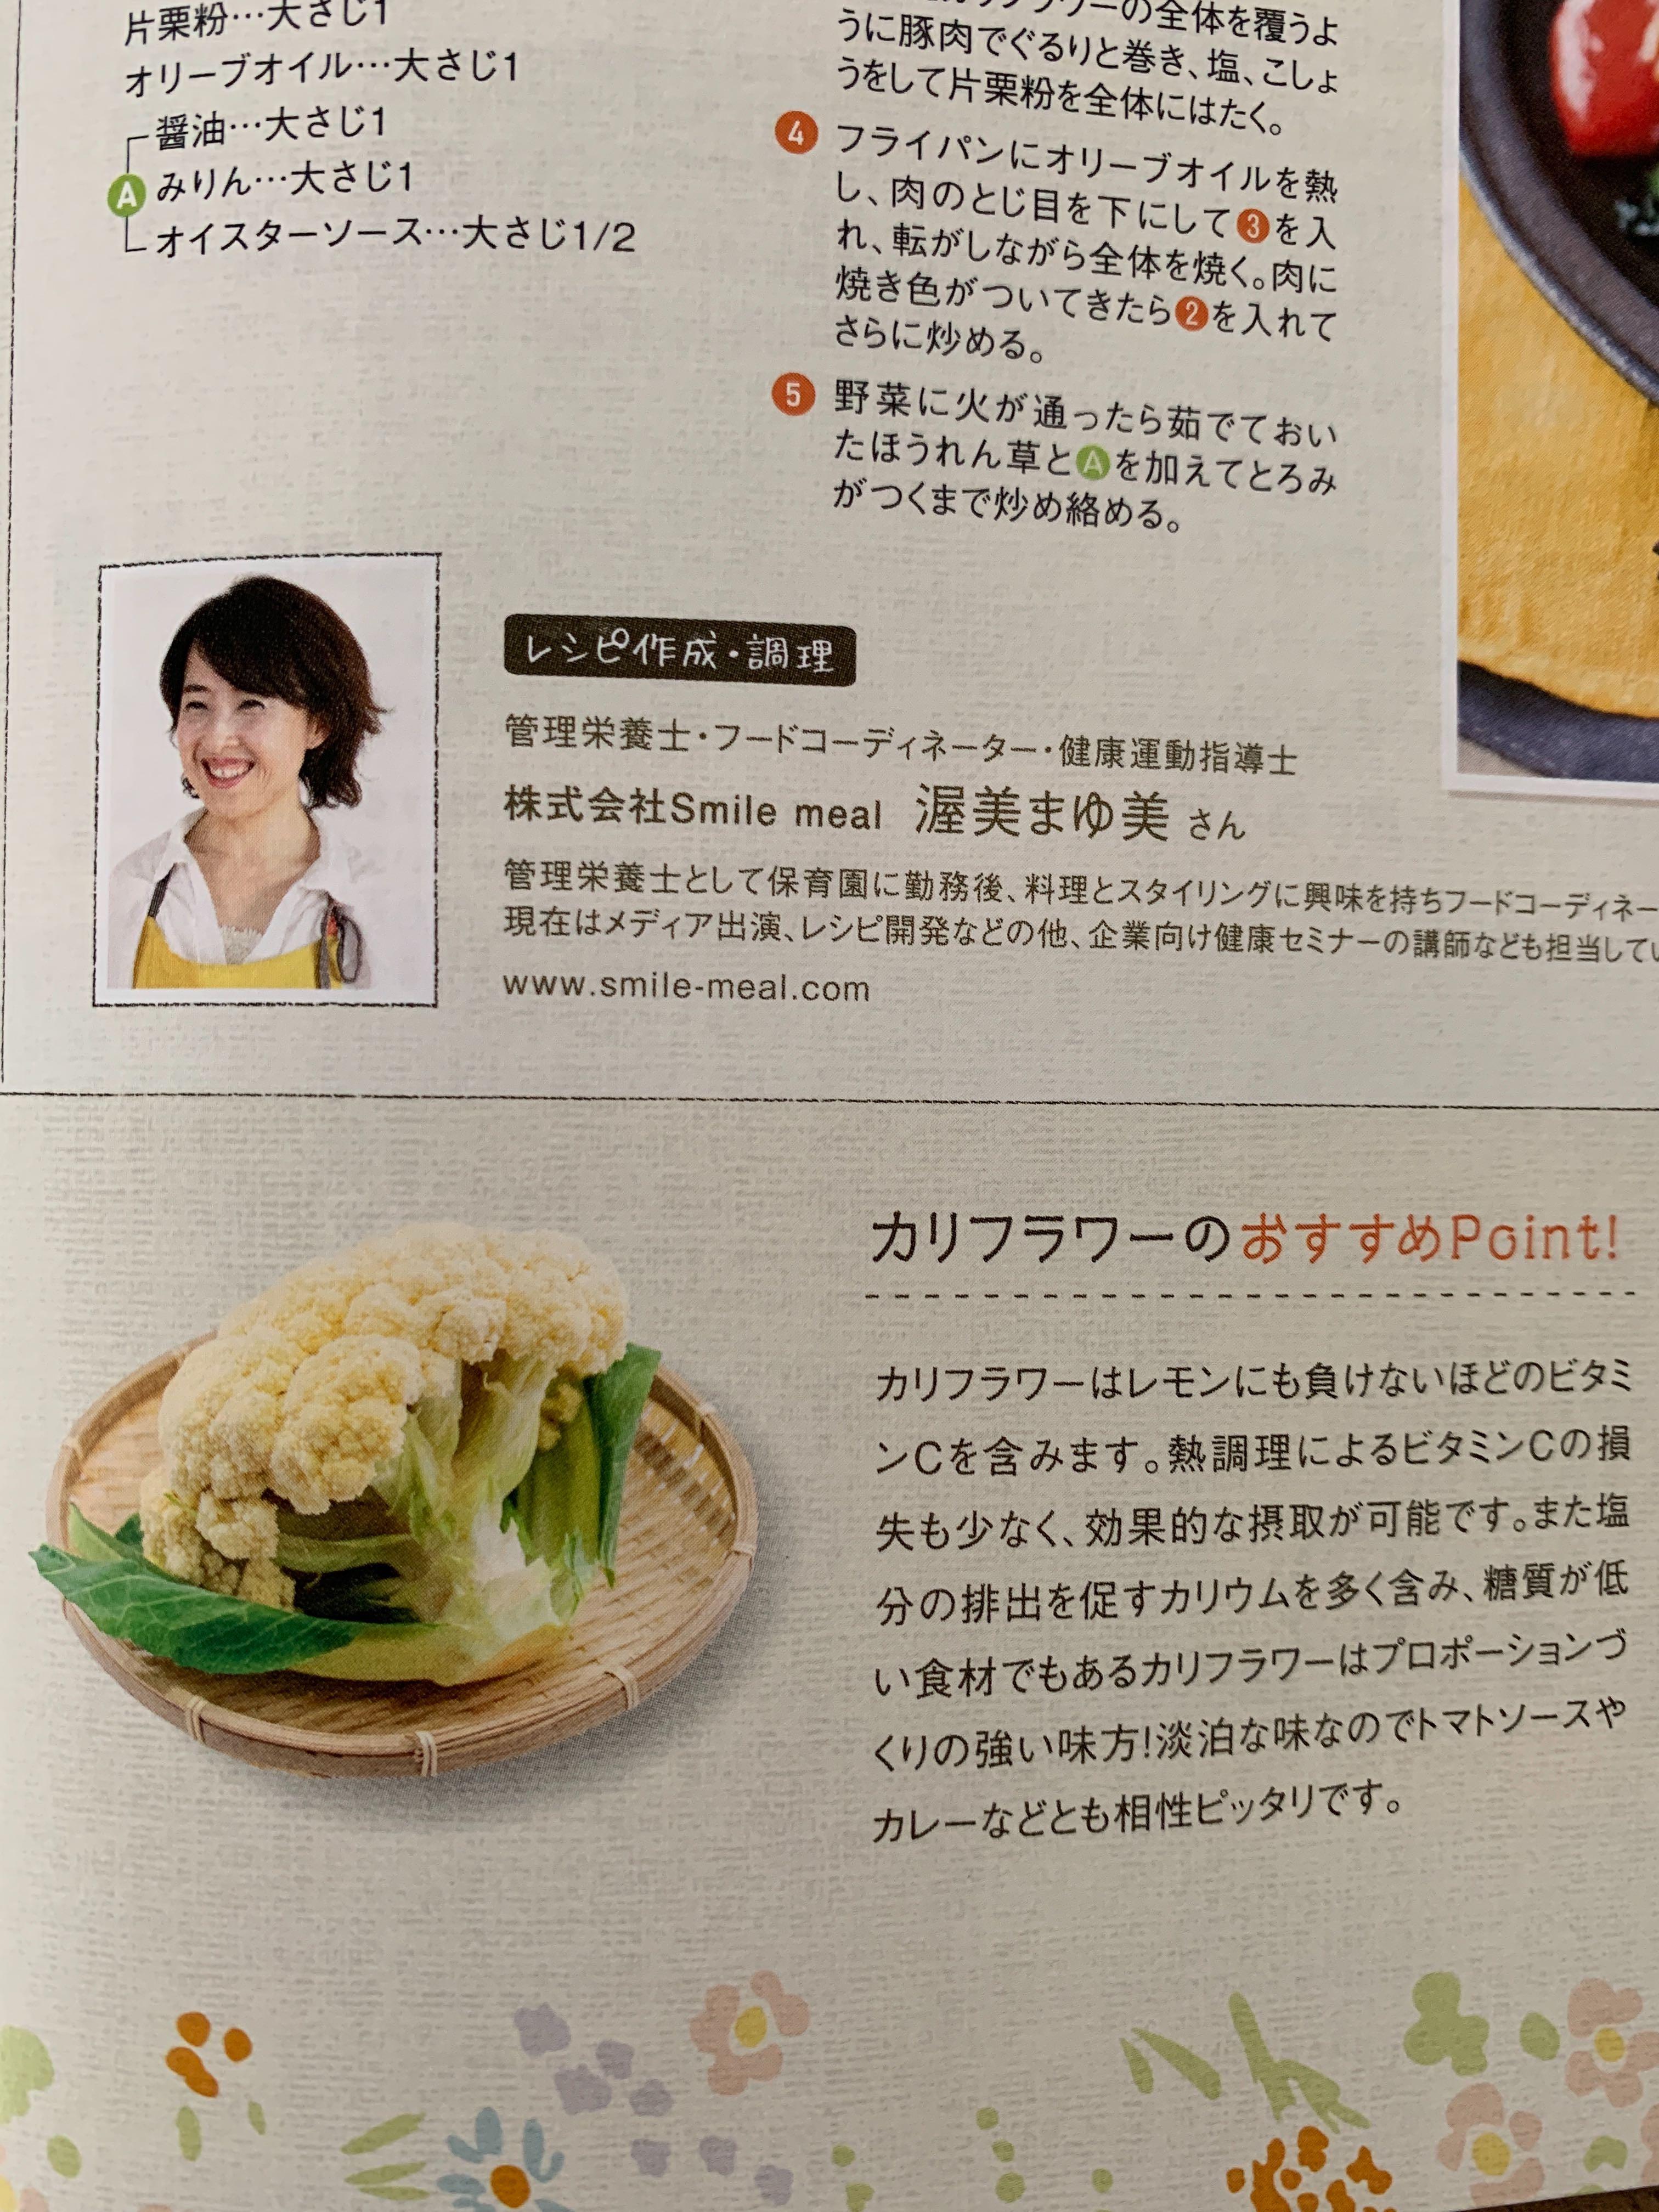 【掲載】住友生命「Felice」カリフラワーの美肌レシピ